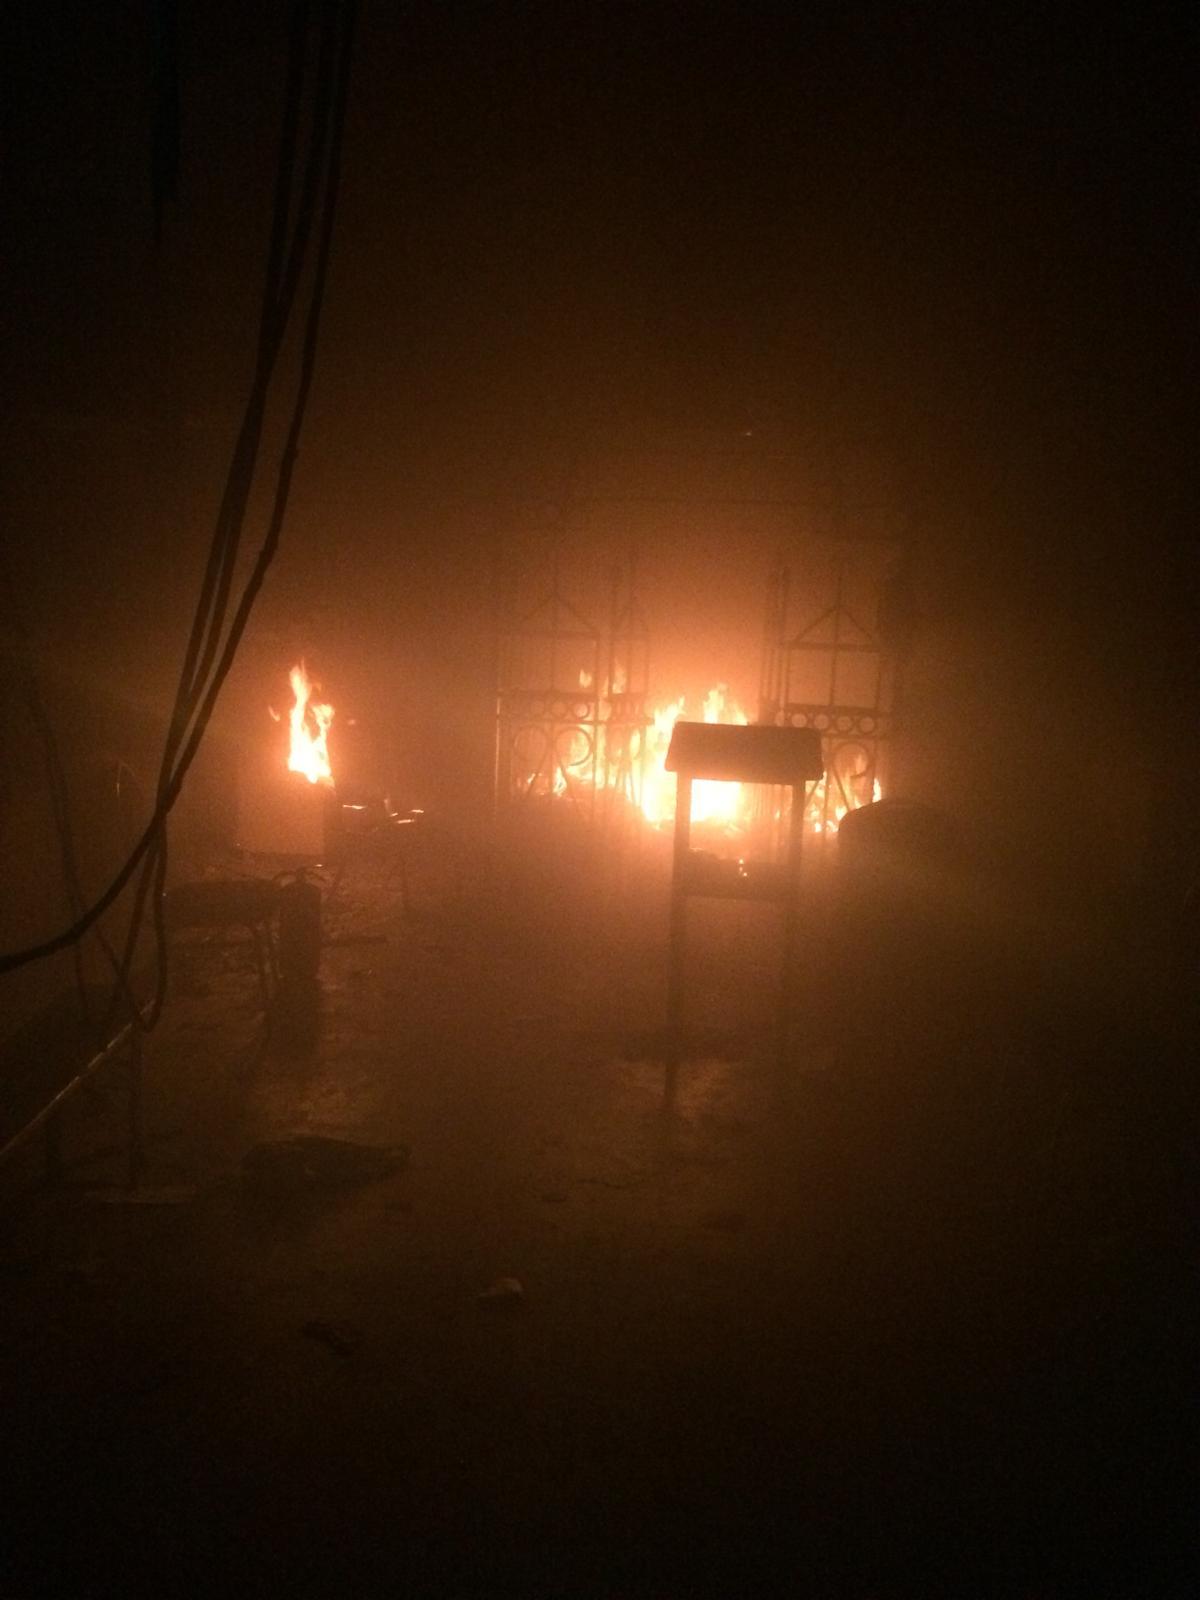 במוצאי ההילולא: הציון בליזענסק עלה באש